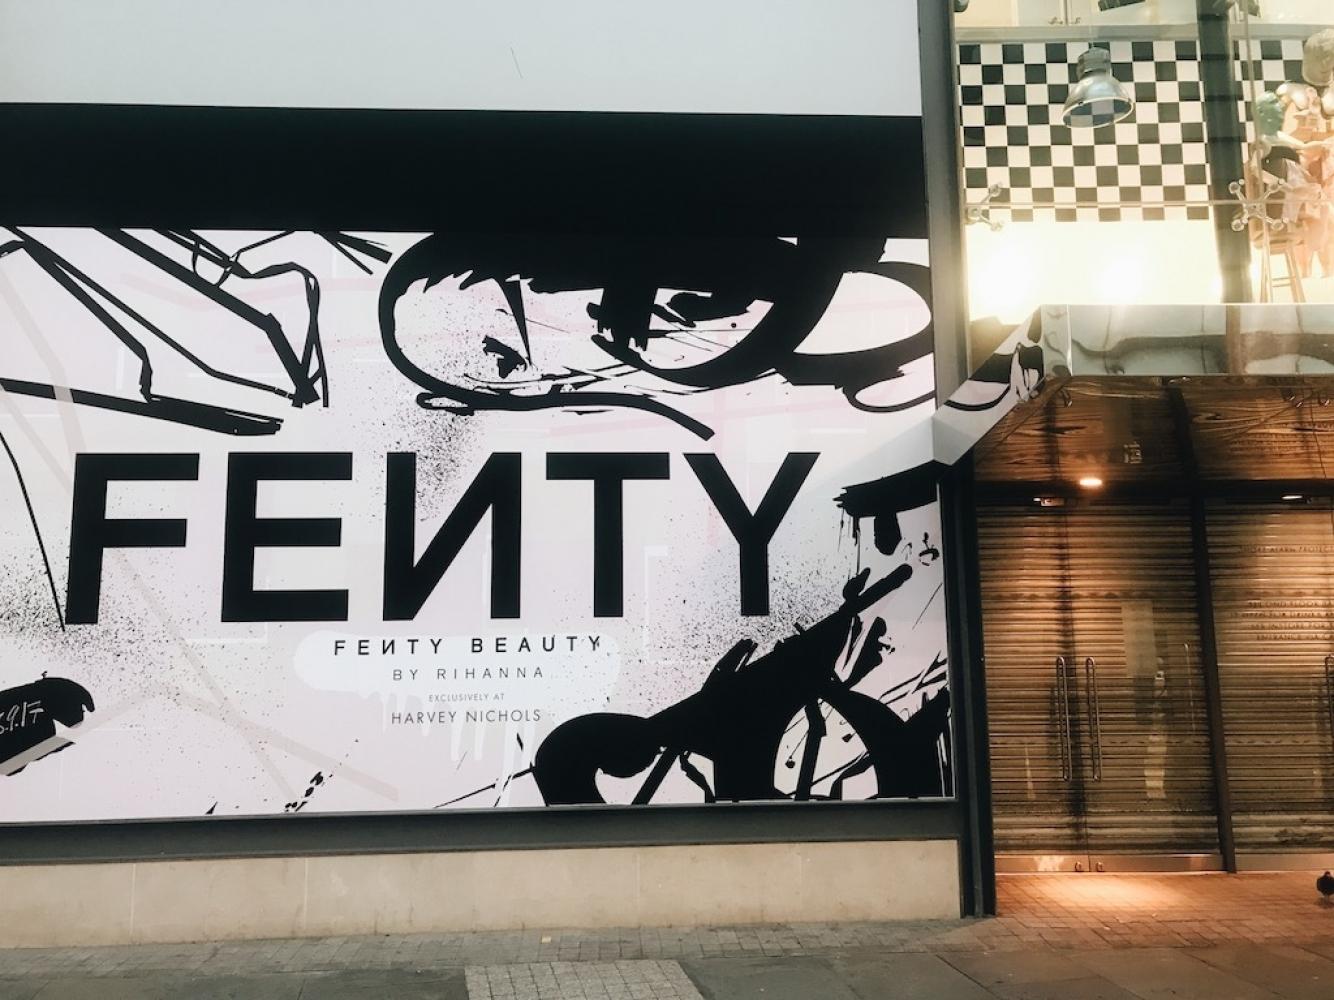 17 09 08 Rihanna Fenty Beauty Harvey Nichols Img 4690